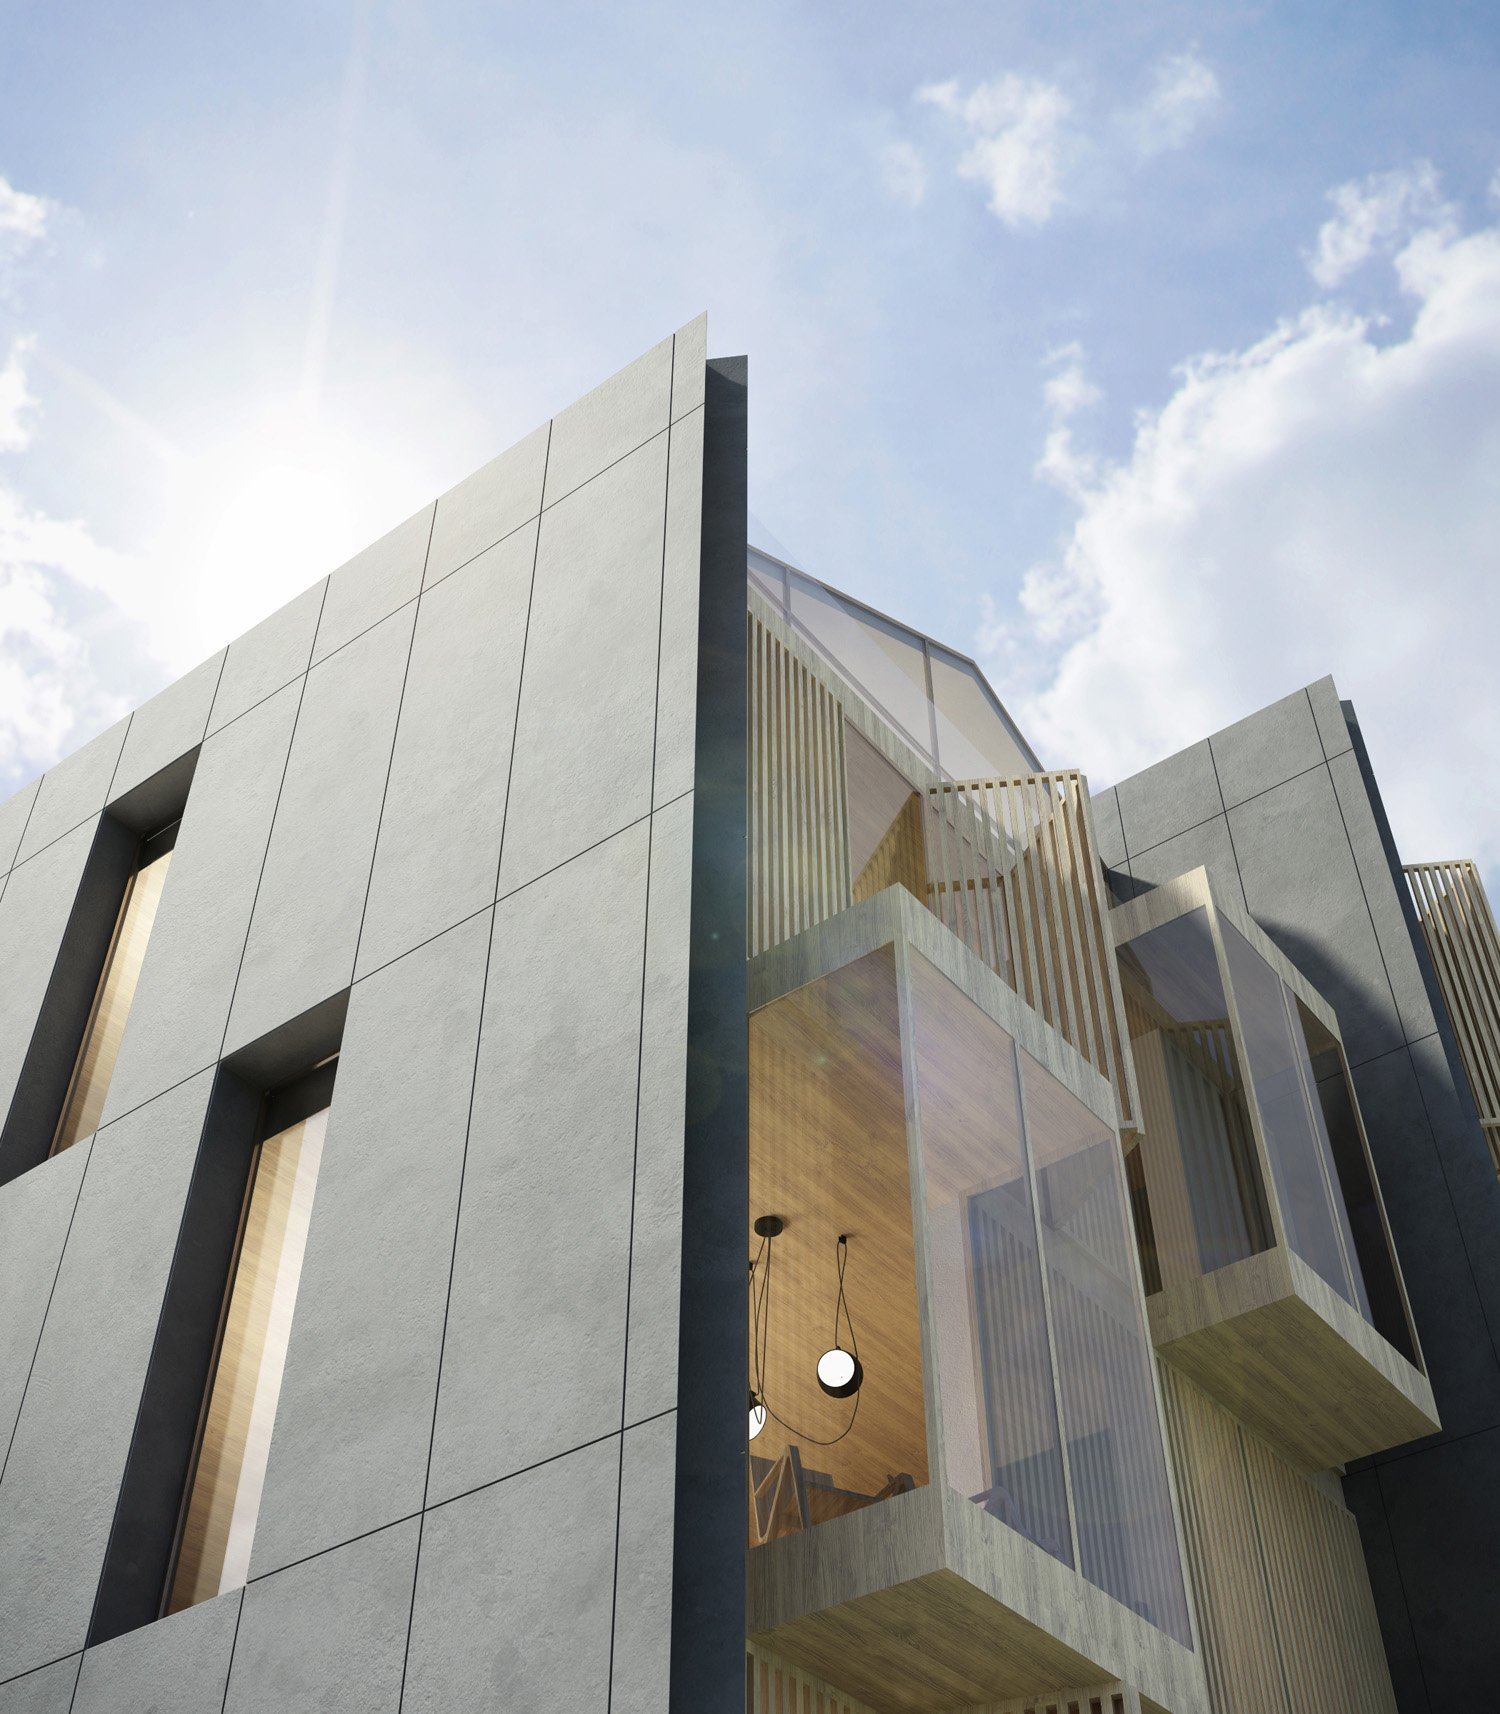 Immagine render edificio in linea fronte parco _ dettaglio MCA